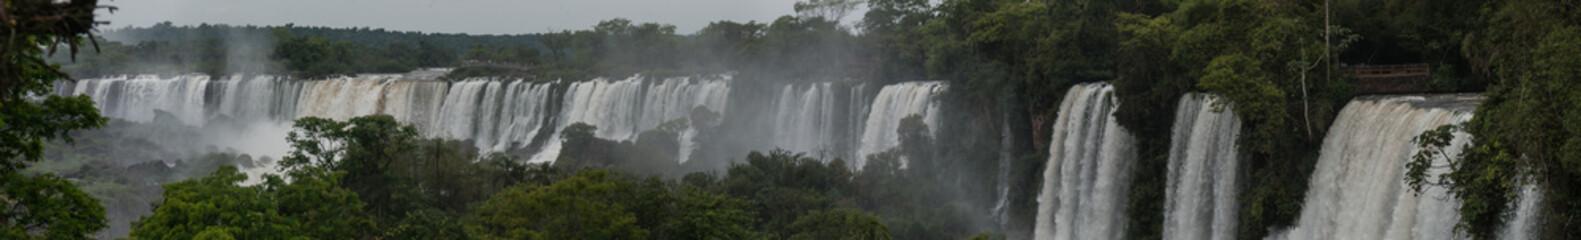 Upper Circuit Panorama, Iguazu Falls, Argentina